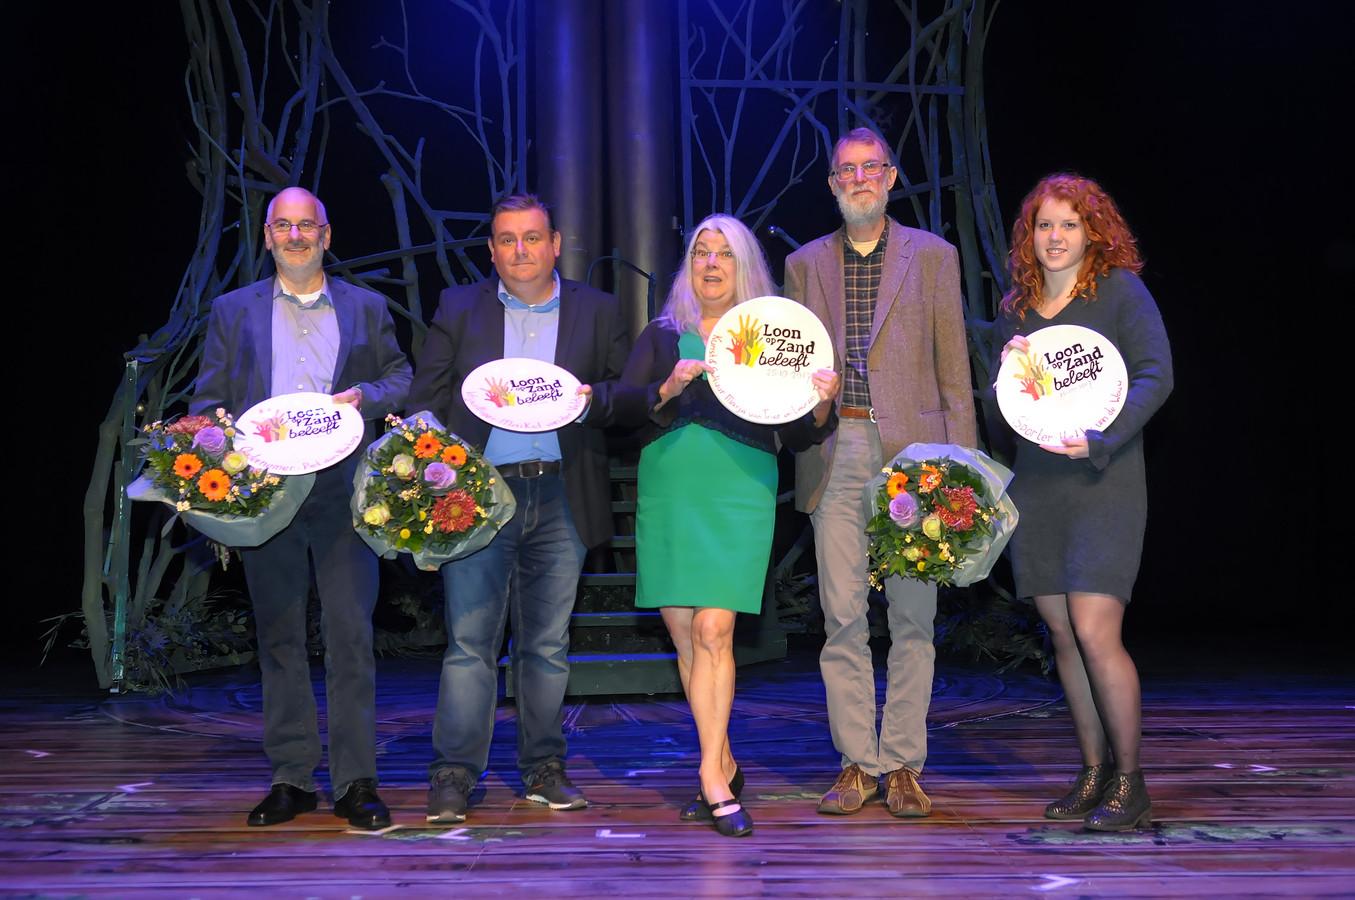 De winnaars van 2017 met v.l.n.r. Piet den Hartog, Maikel van der Velden, Marja van Trier, Lauran Toorians en Hetty van de Wouw.